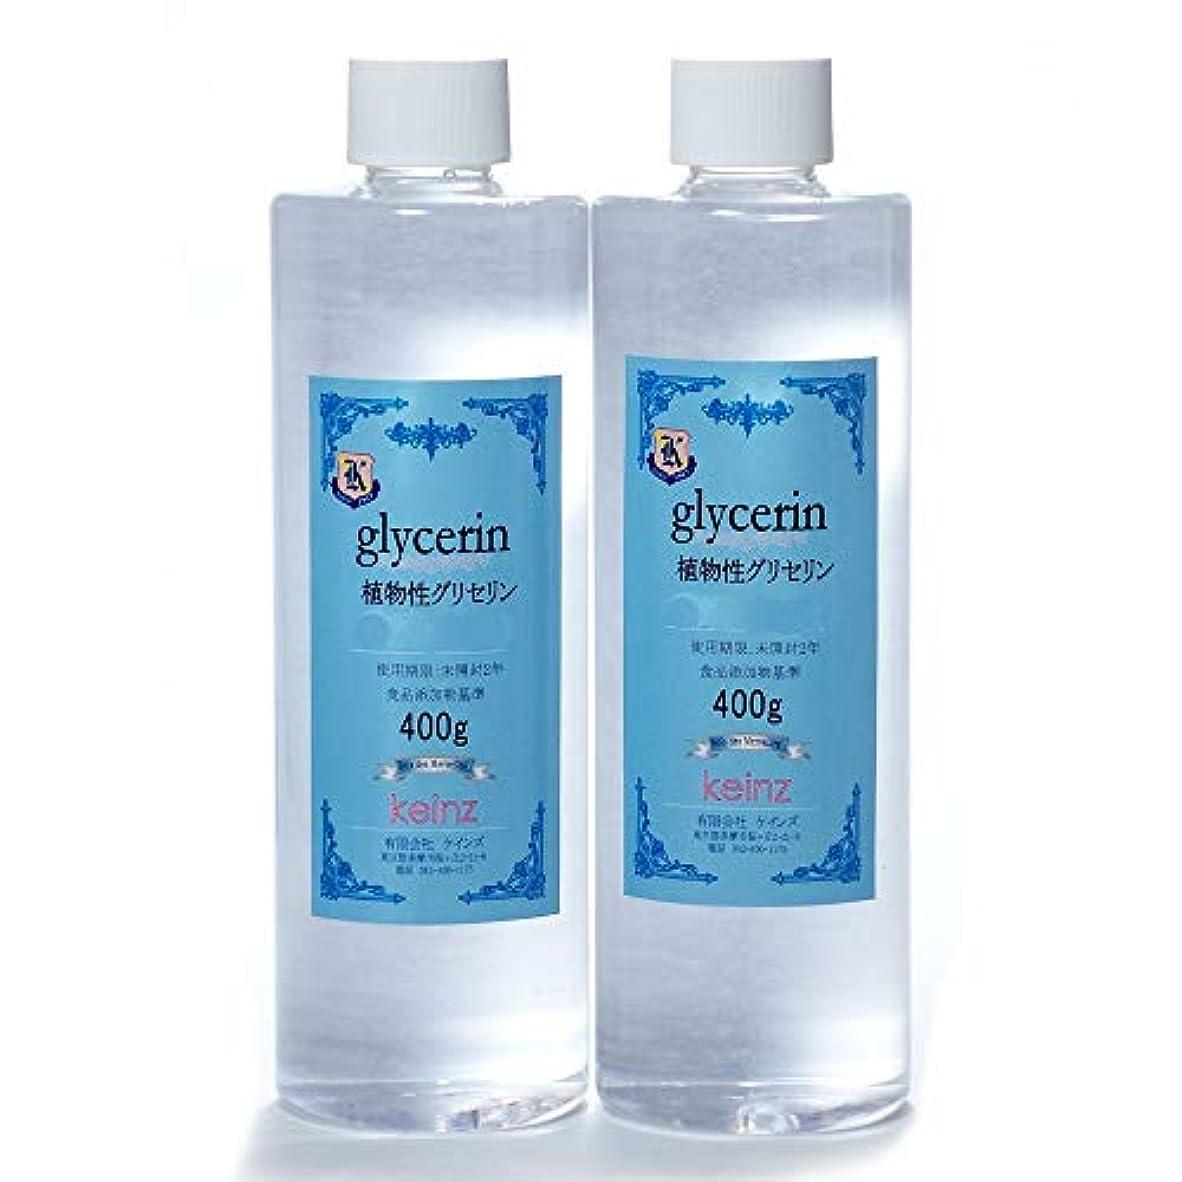 合併ヤギ空虚keinz 品質の良いグリセリン 植物性 800g(400g 2本) 純度99.9~100% 化粧品材料 keinz正規品 食品添加物基準につき化粧品グレードより純度が高い。日本製